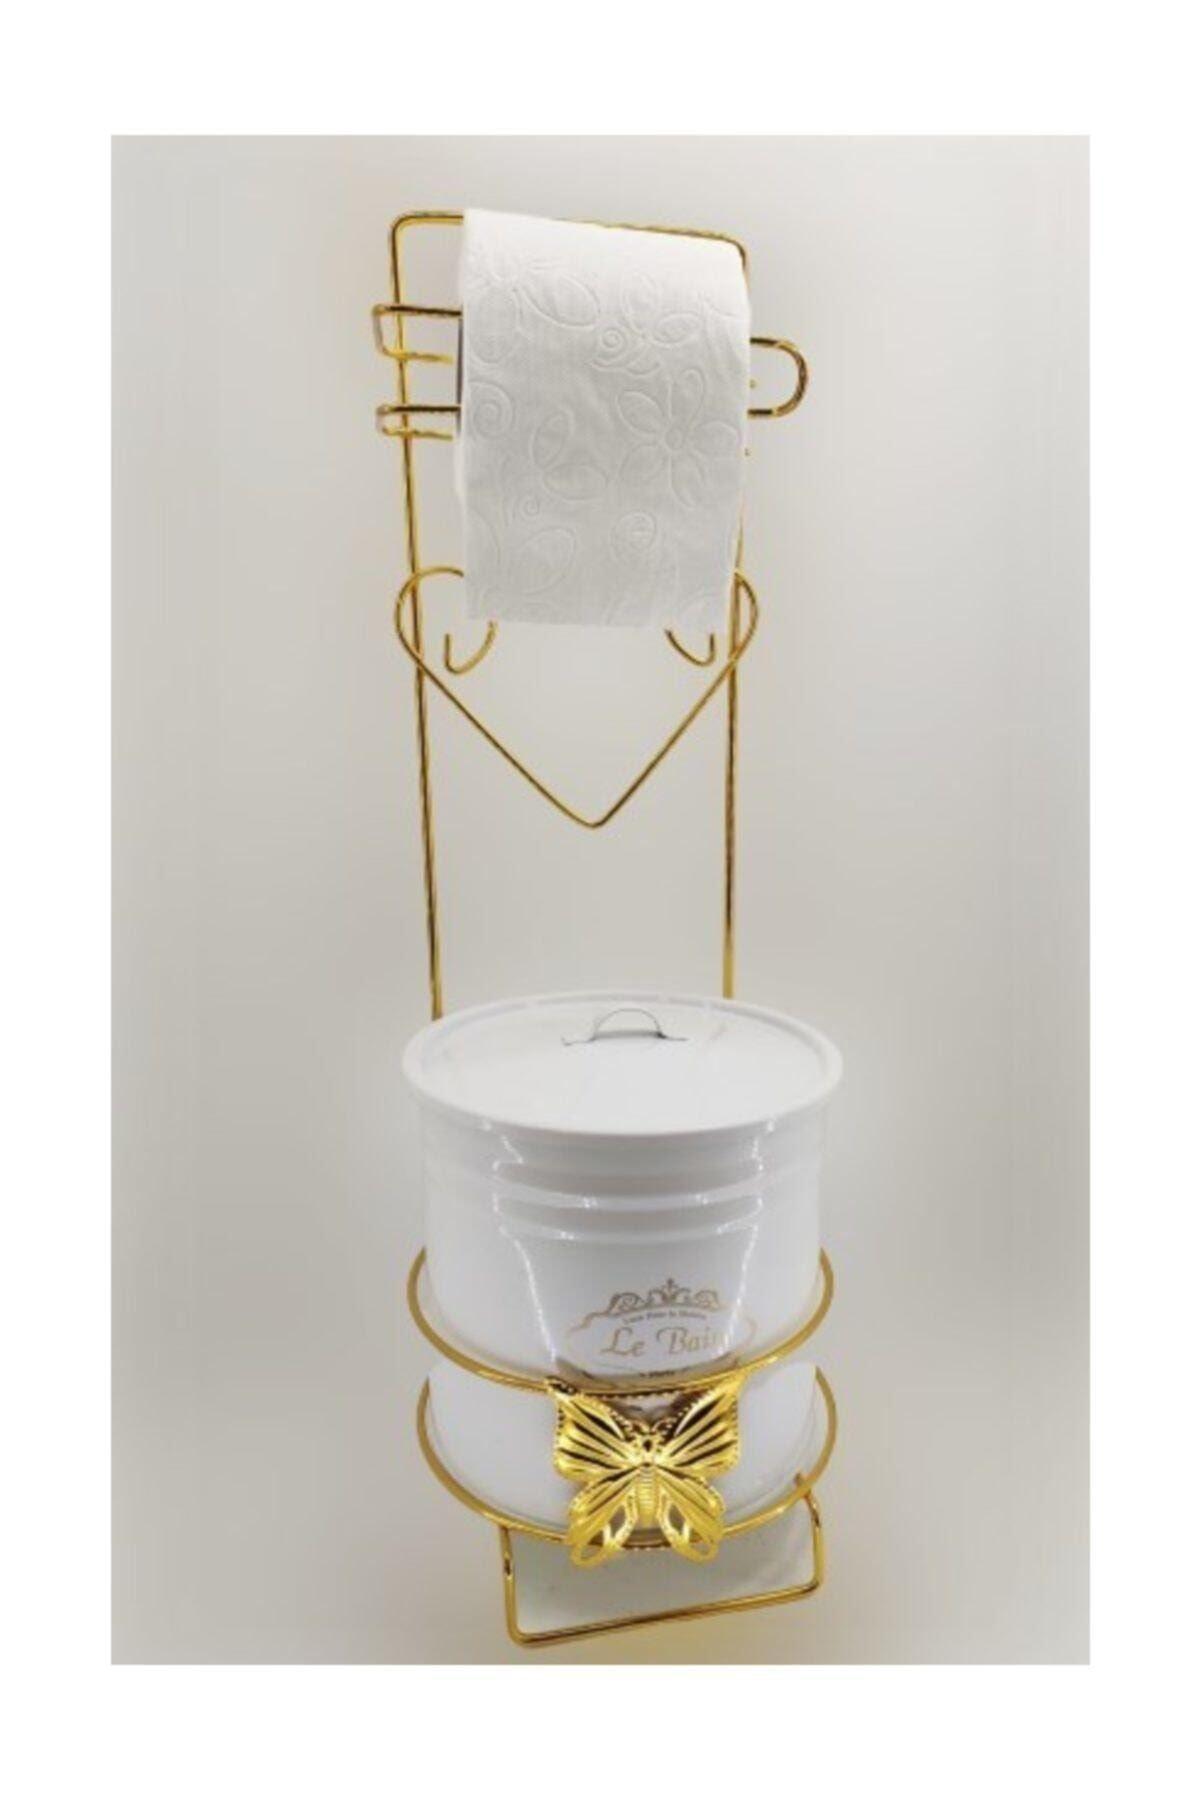 Gold Altın Beyaz  Ferforje Metal Tuvalet Kağıtlığı Wc Kovası Banyo Aksesuar Takımı